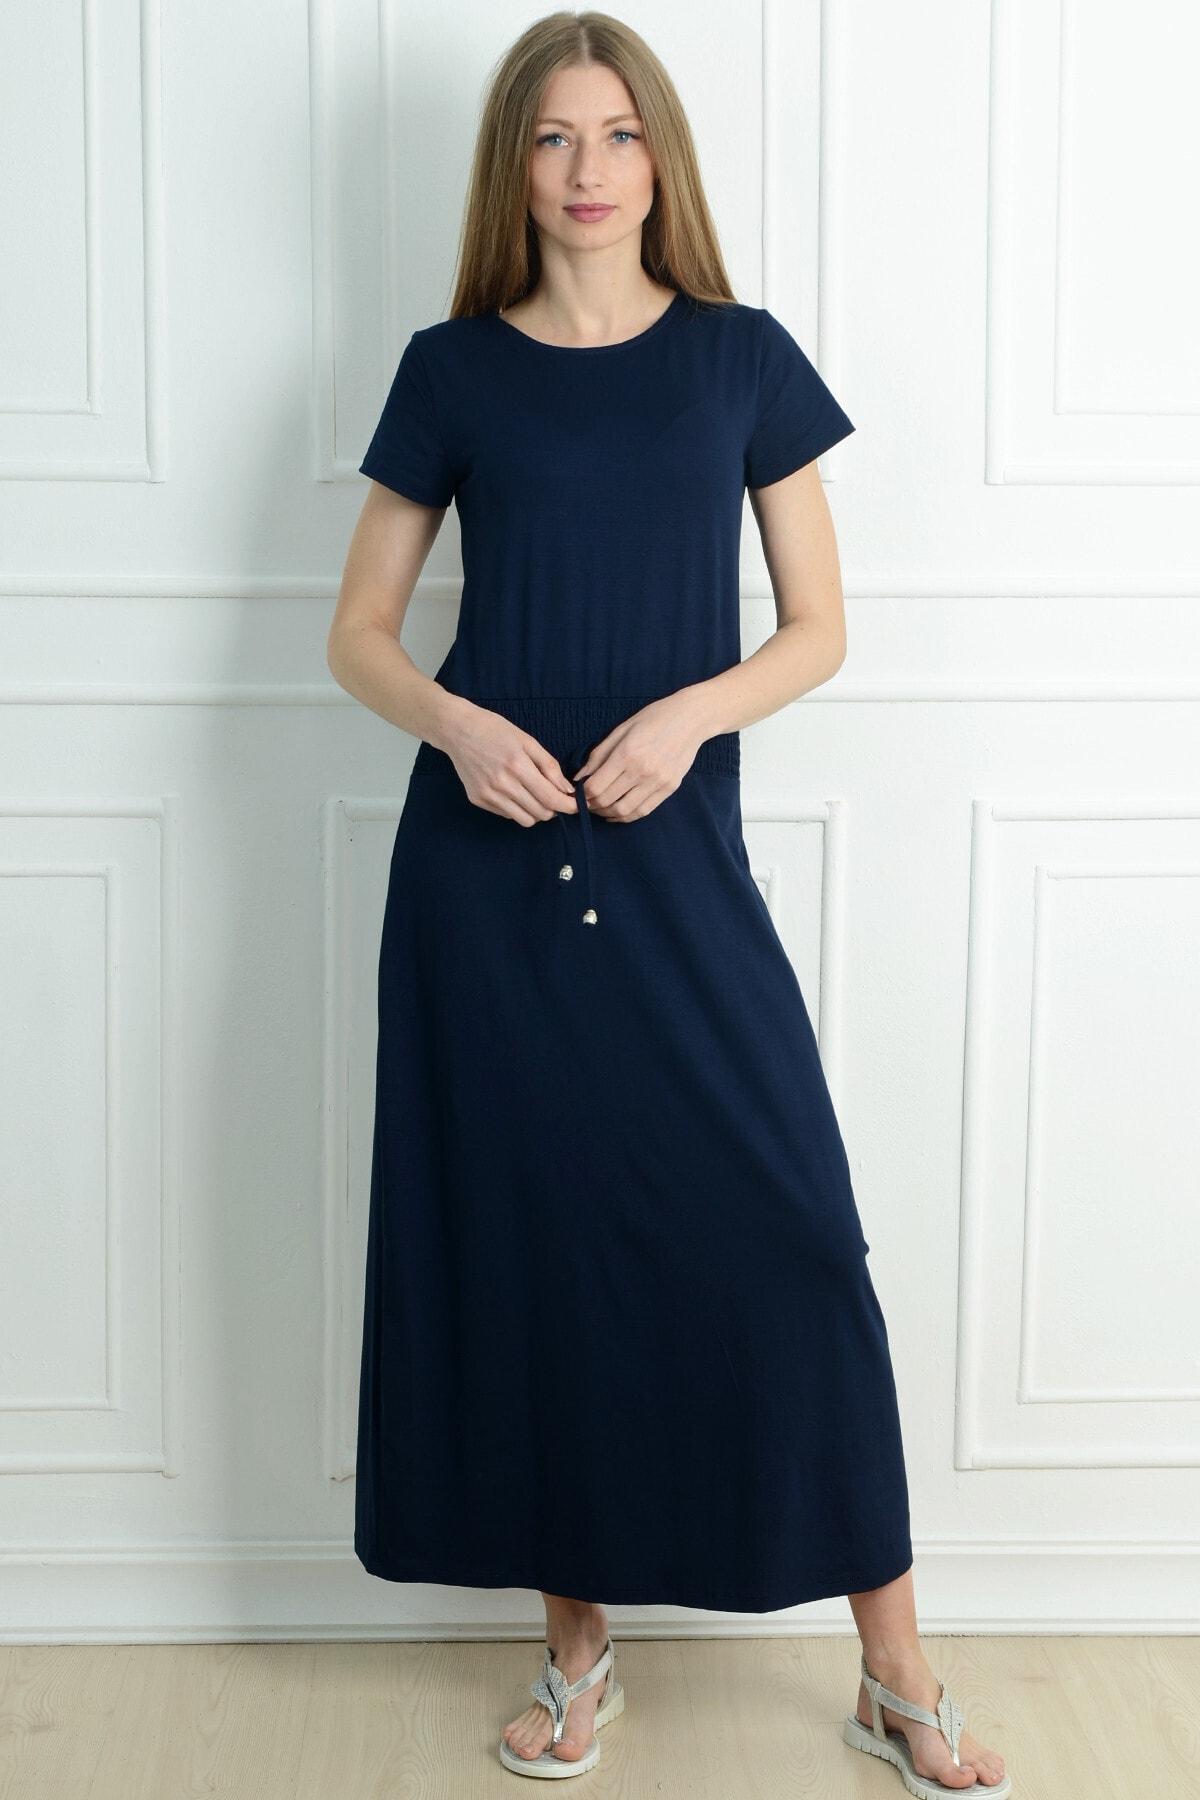 Pınkmark Kadın Lacivert Elbise Pmel18237